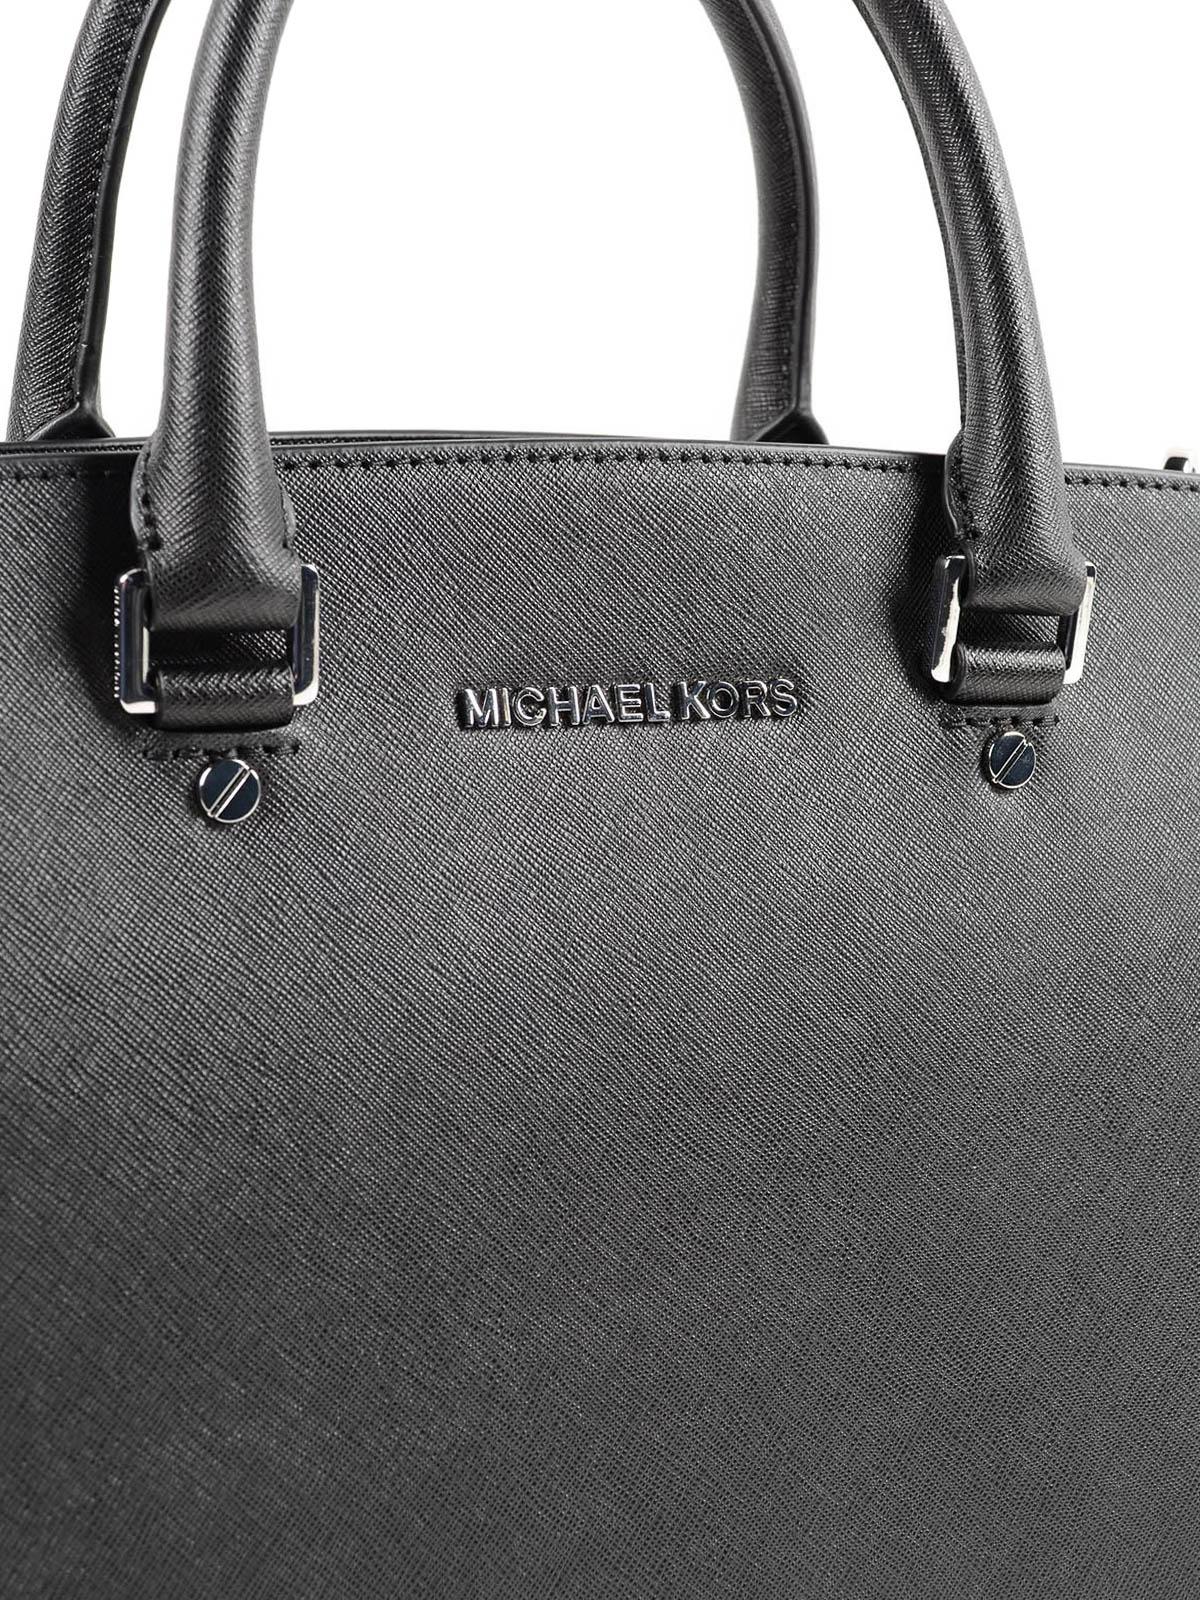 Michael Kors Selma Große Tasche Handtaschen 30T3SLMS7L 001